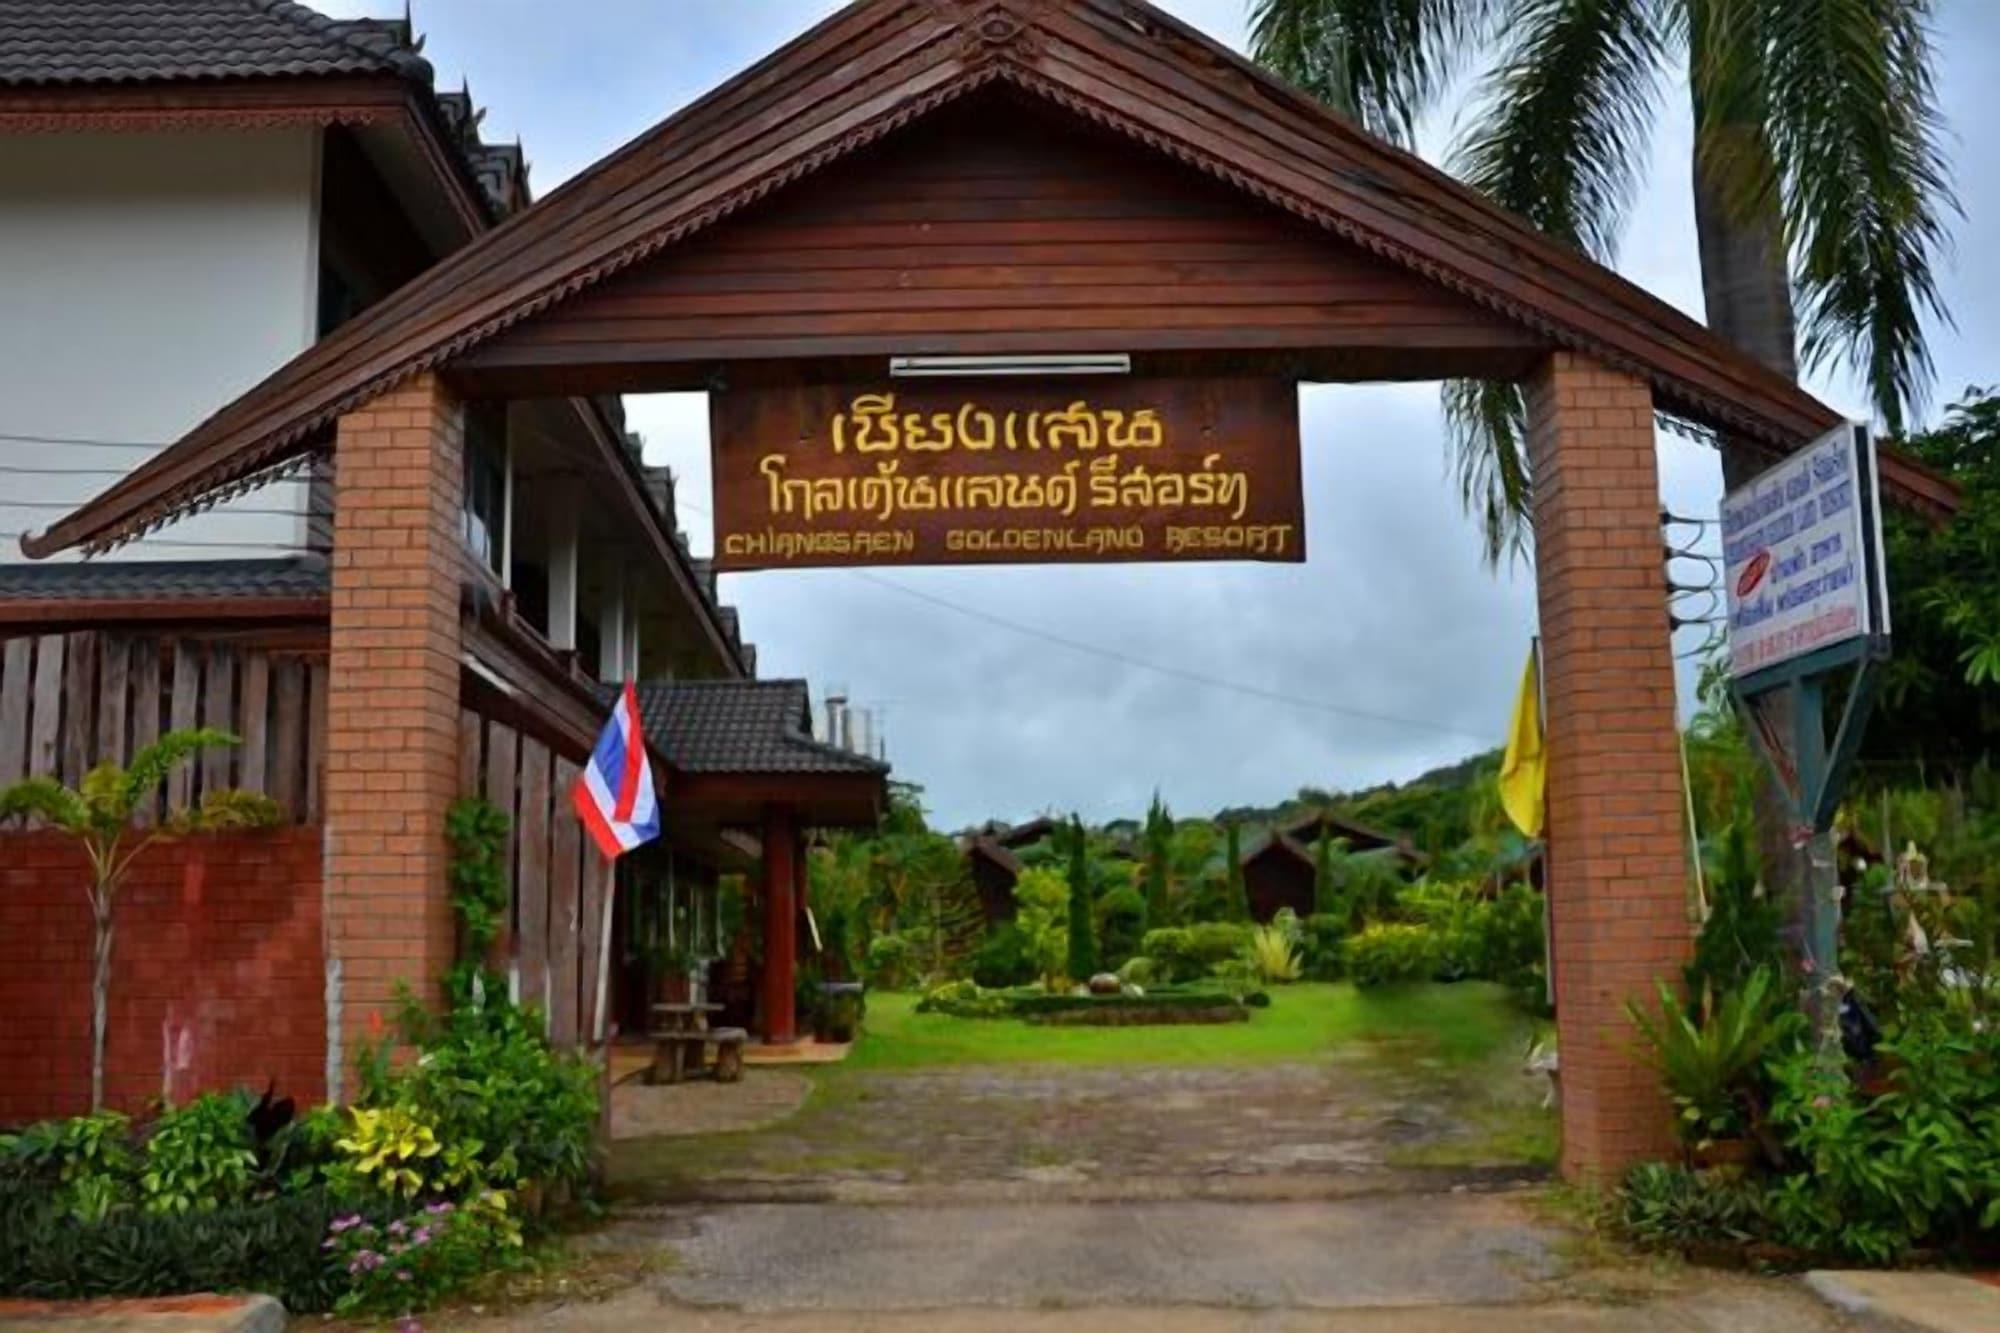 ChiangsanGoldenland Resort 1, Chiang Saen